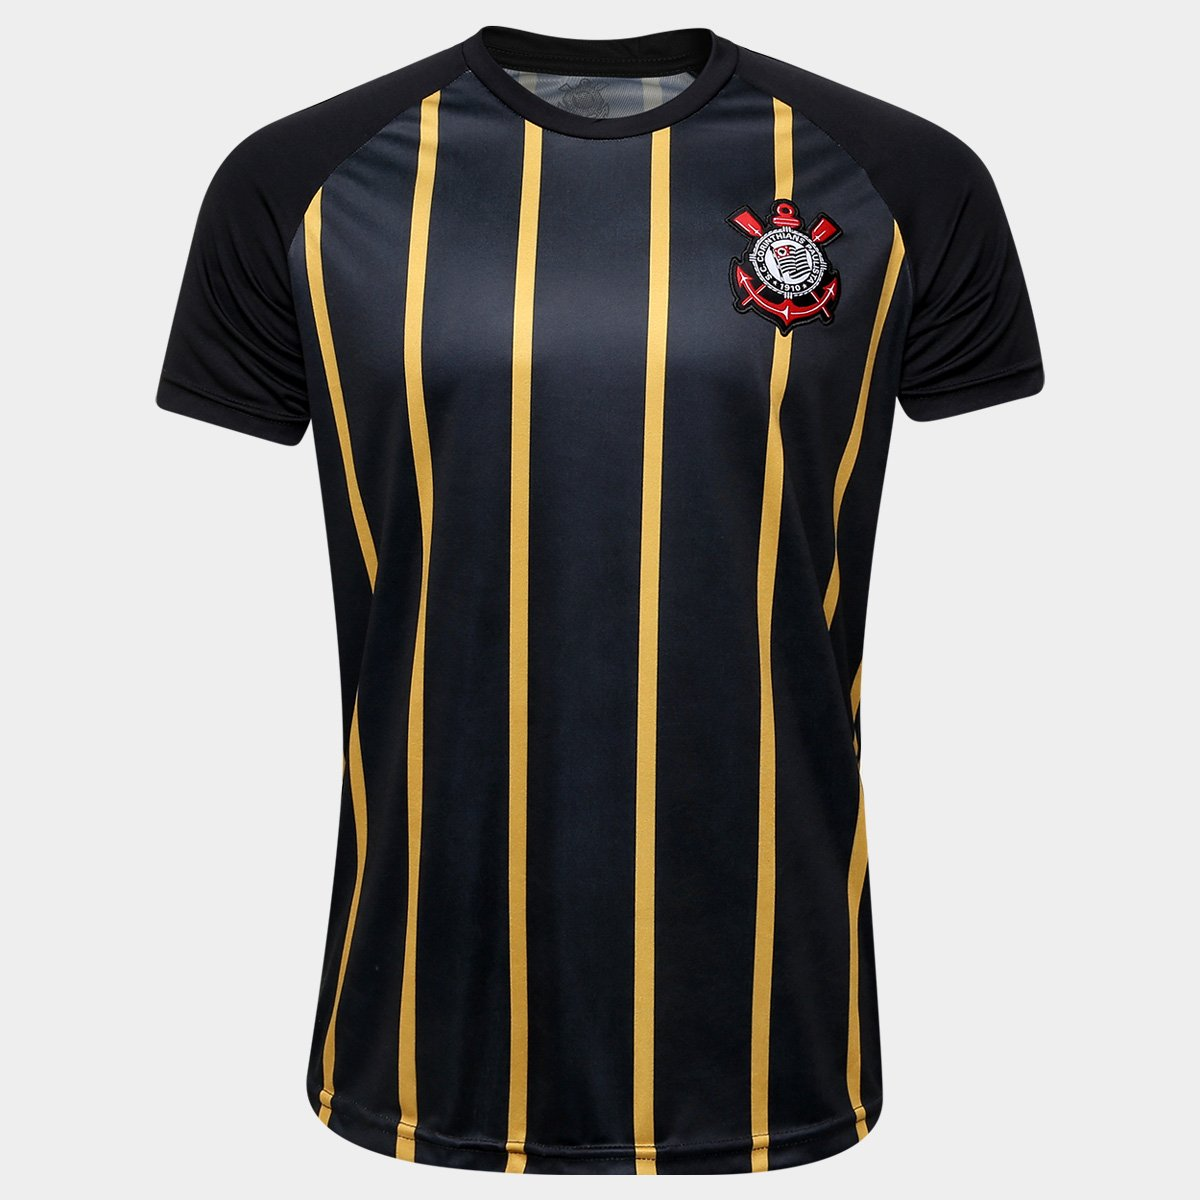 Camisa Corinthians Gold - Edição Limitada Masculina - Preto+Dourado 70575f7f0f60b